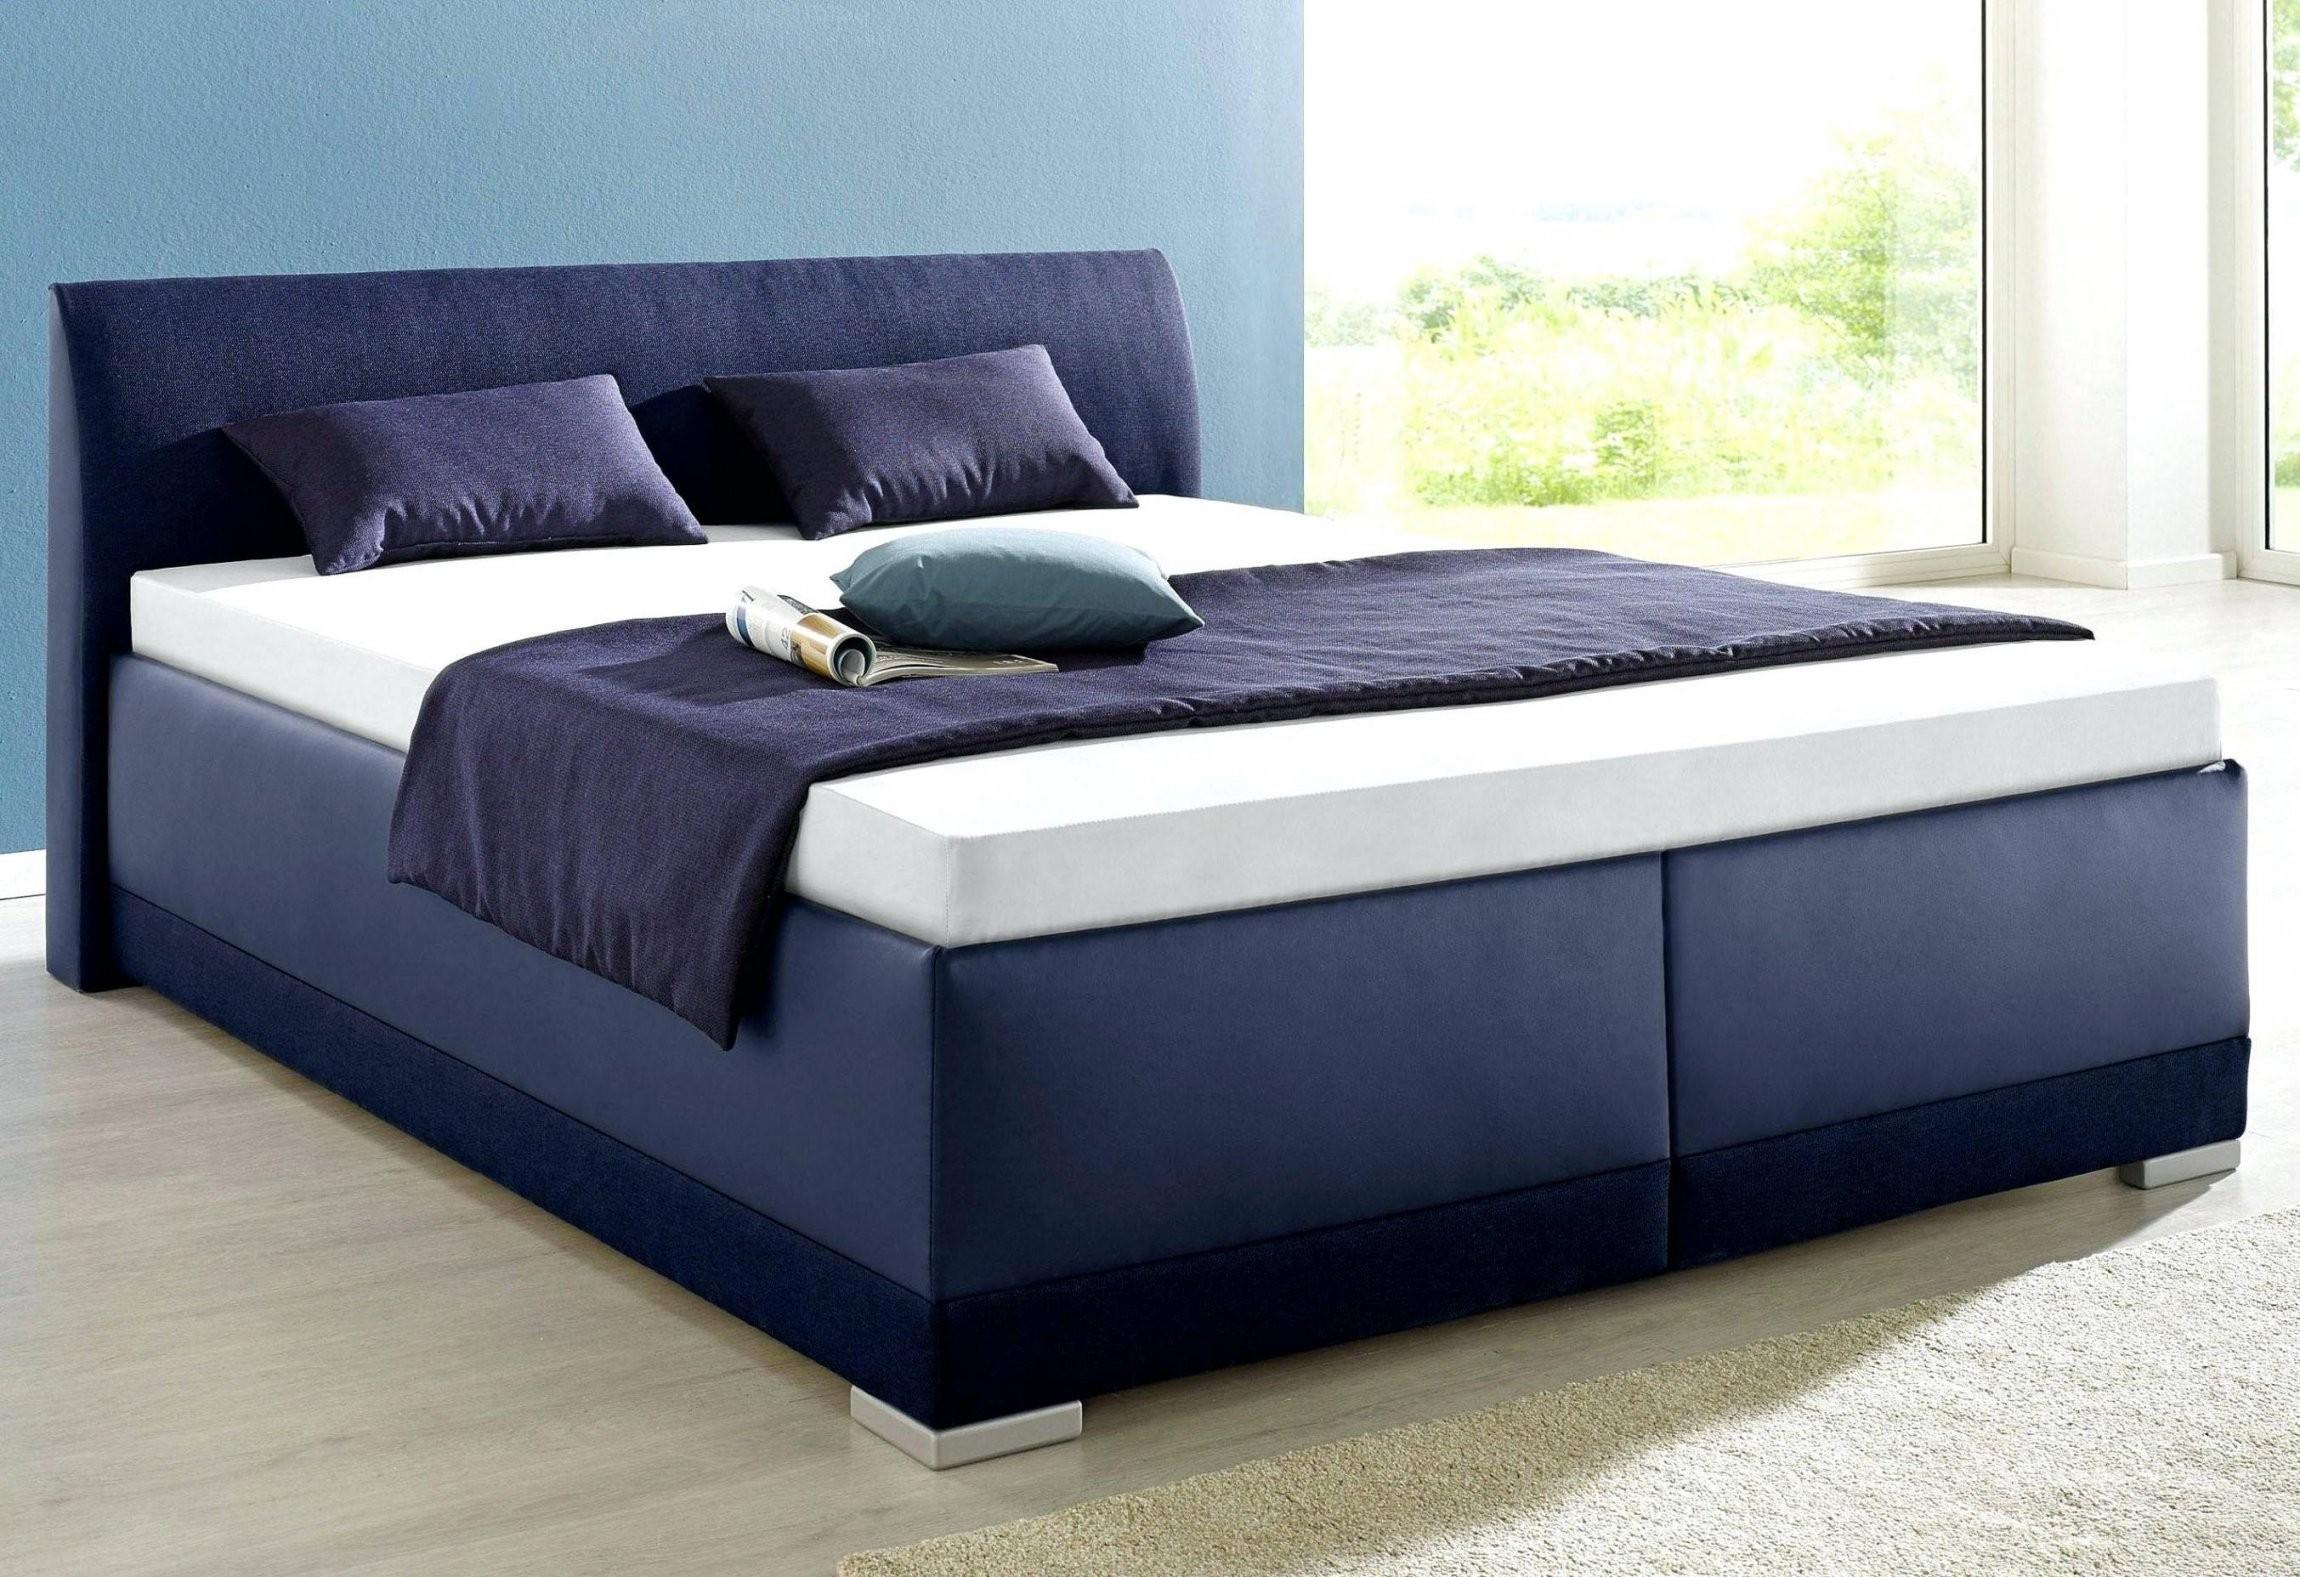 Bed 90×190 Inspirerende Bett 90×190 Mit Bettkasten Bestevon Neueste von Bett 90X190 Mit Bettkasten Photo